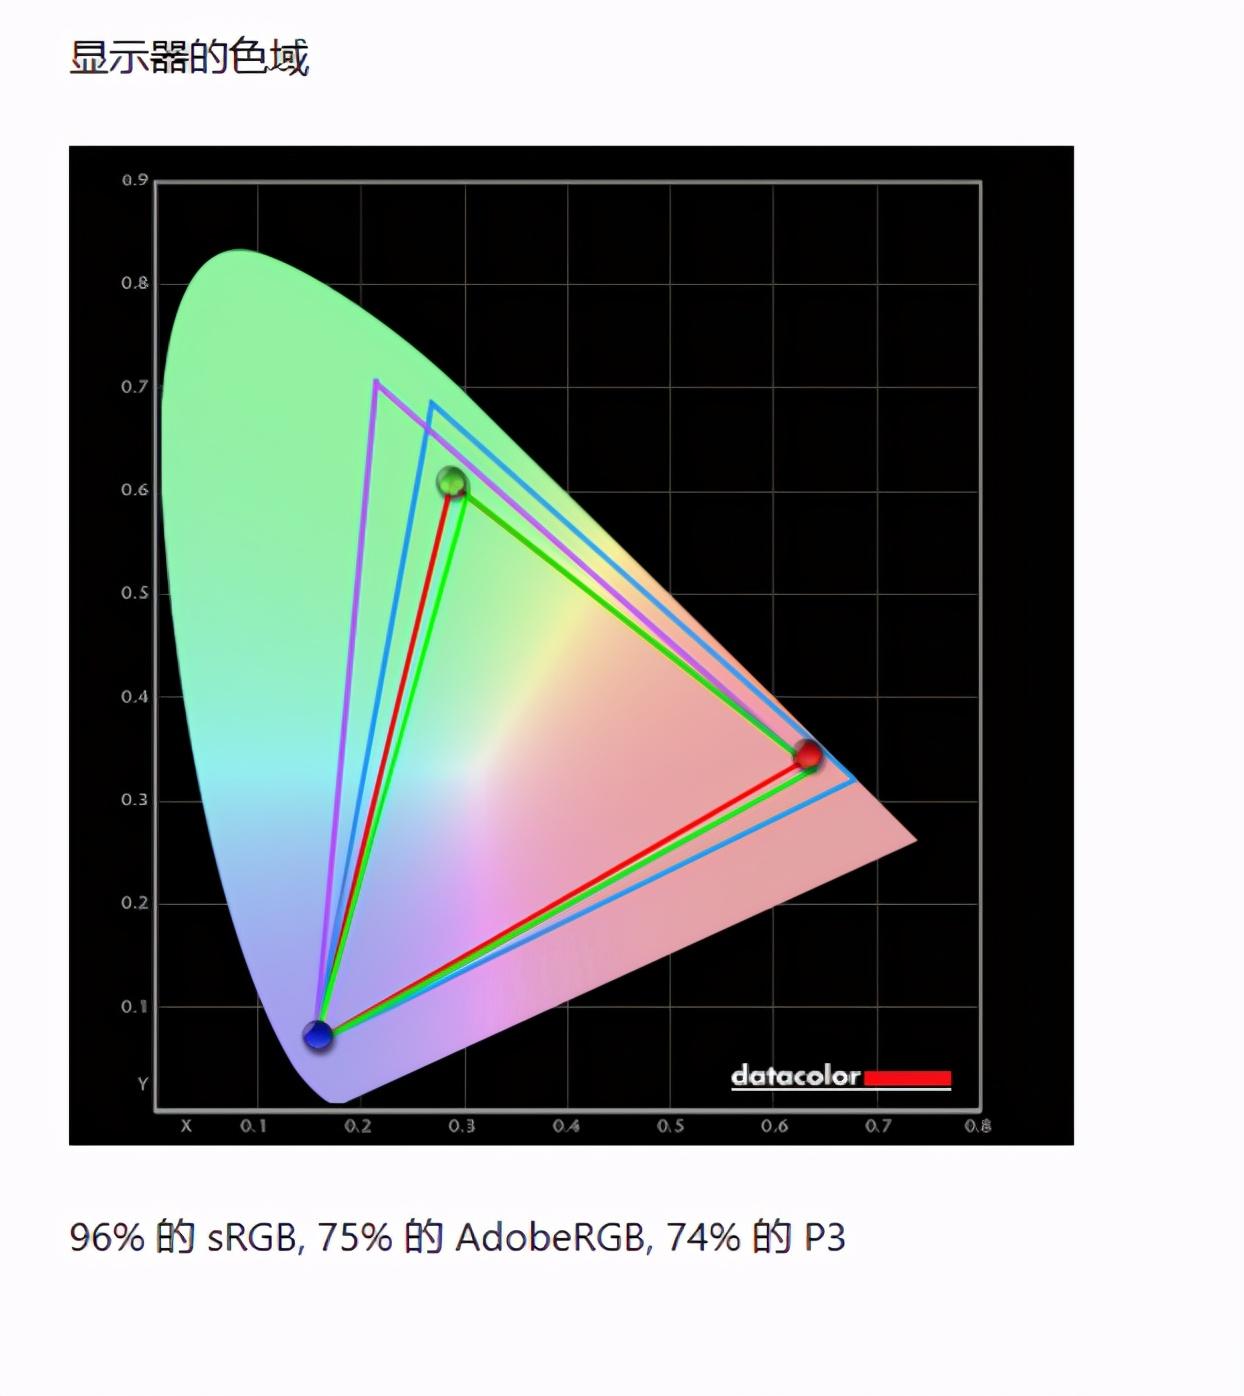 惠普Spectre x360 13可触控变形本体验:小巧轻盈 性能强大